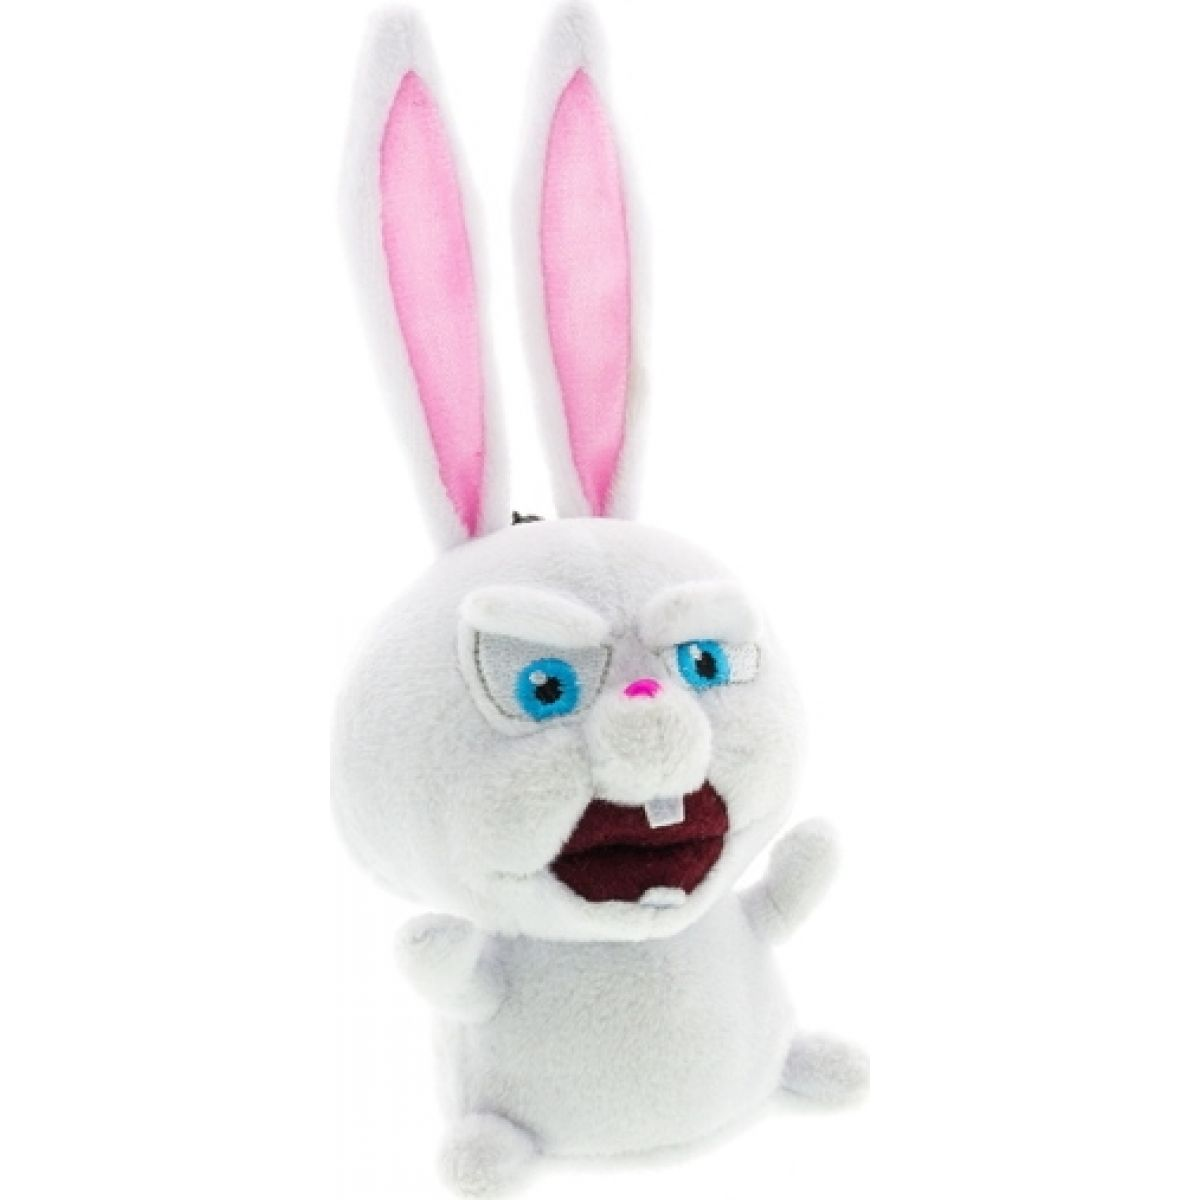 ADC Blackfire Tajný život mazlíčků Plyšová hračka s přívěskem - Snowball